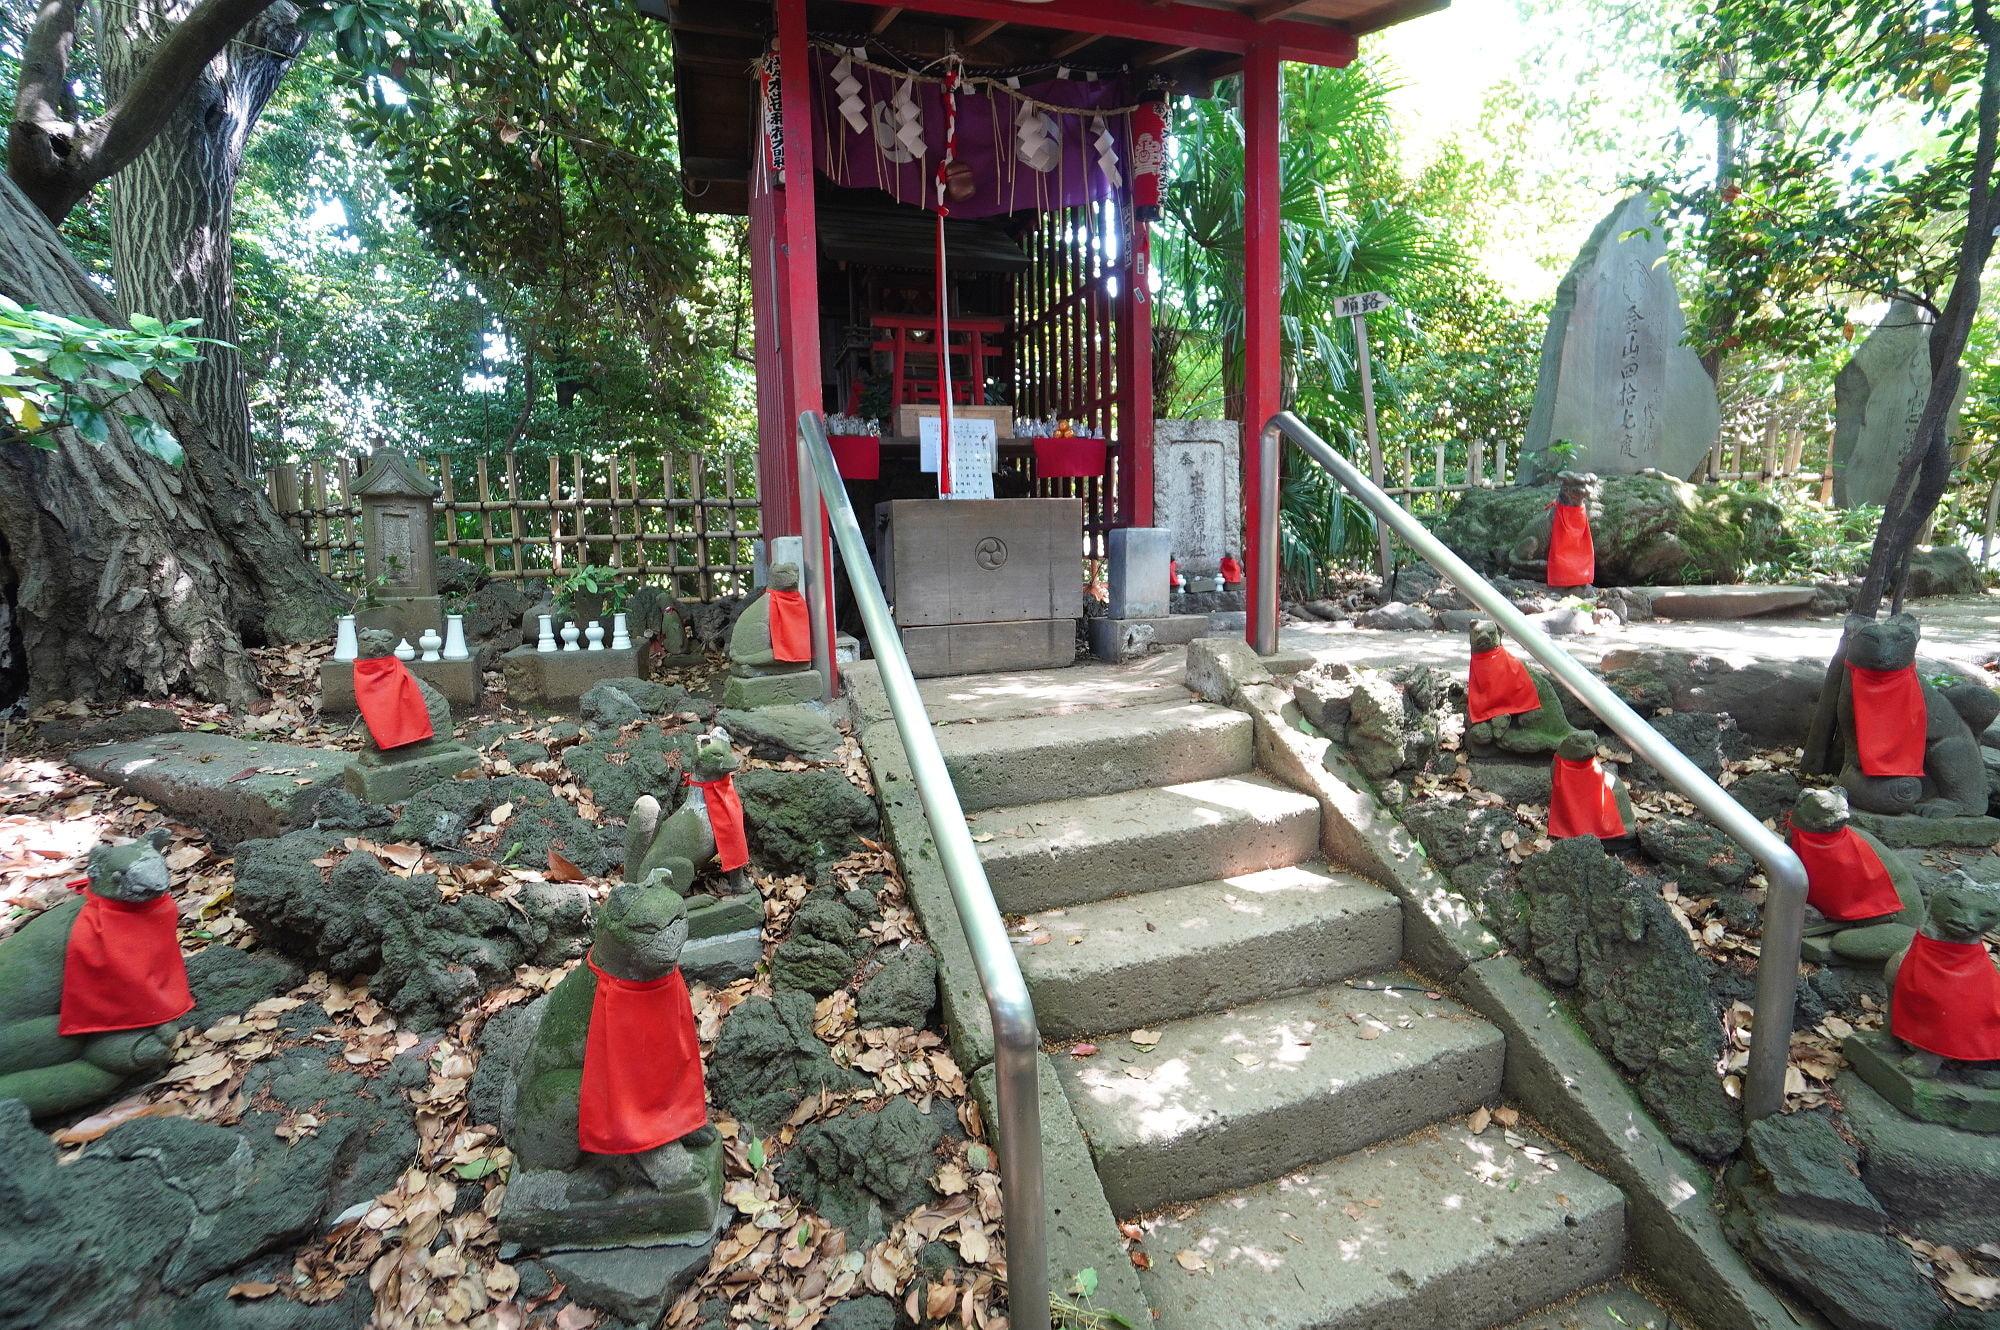 出世稲荷八幡宮の社殿(祠)